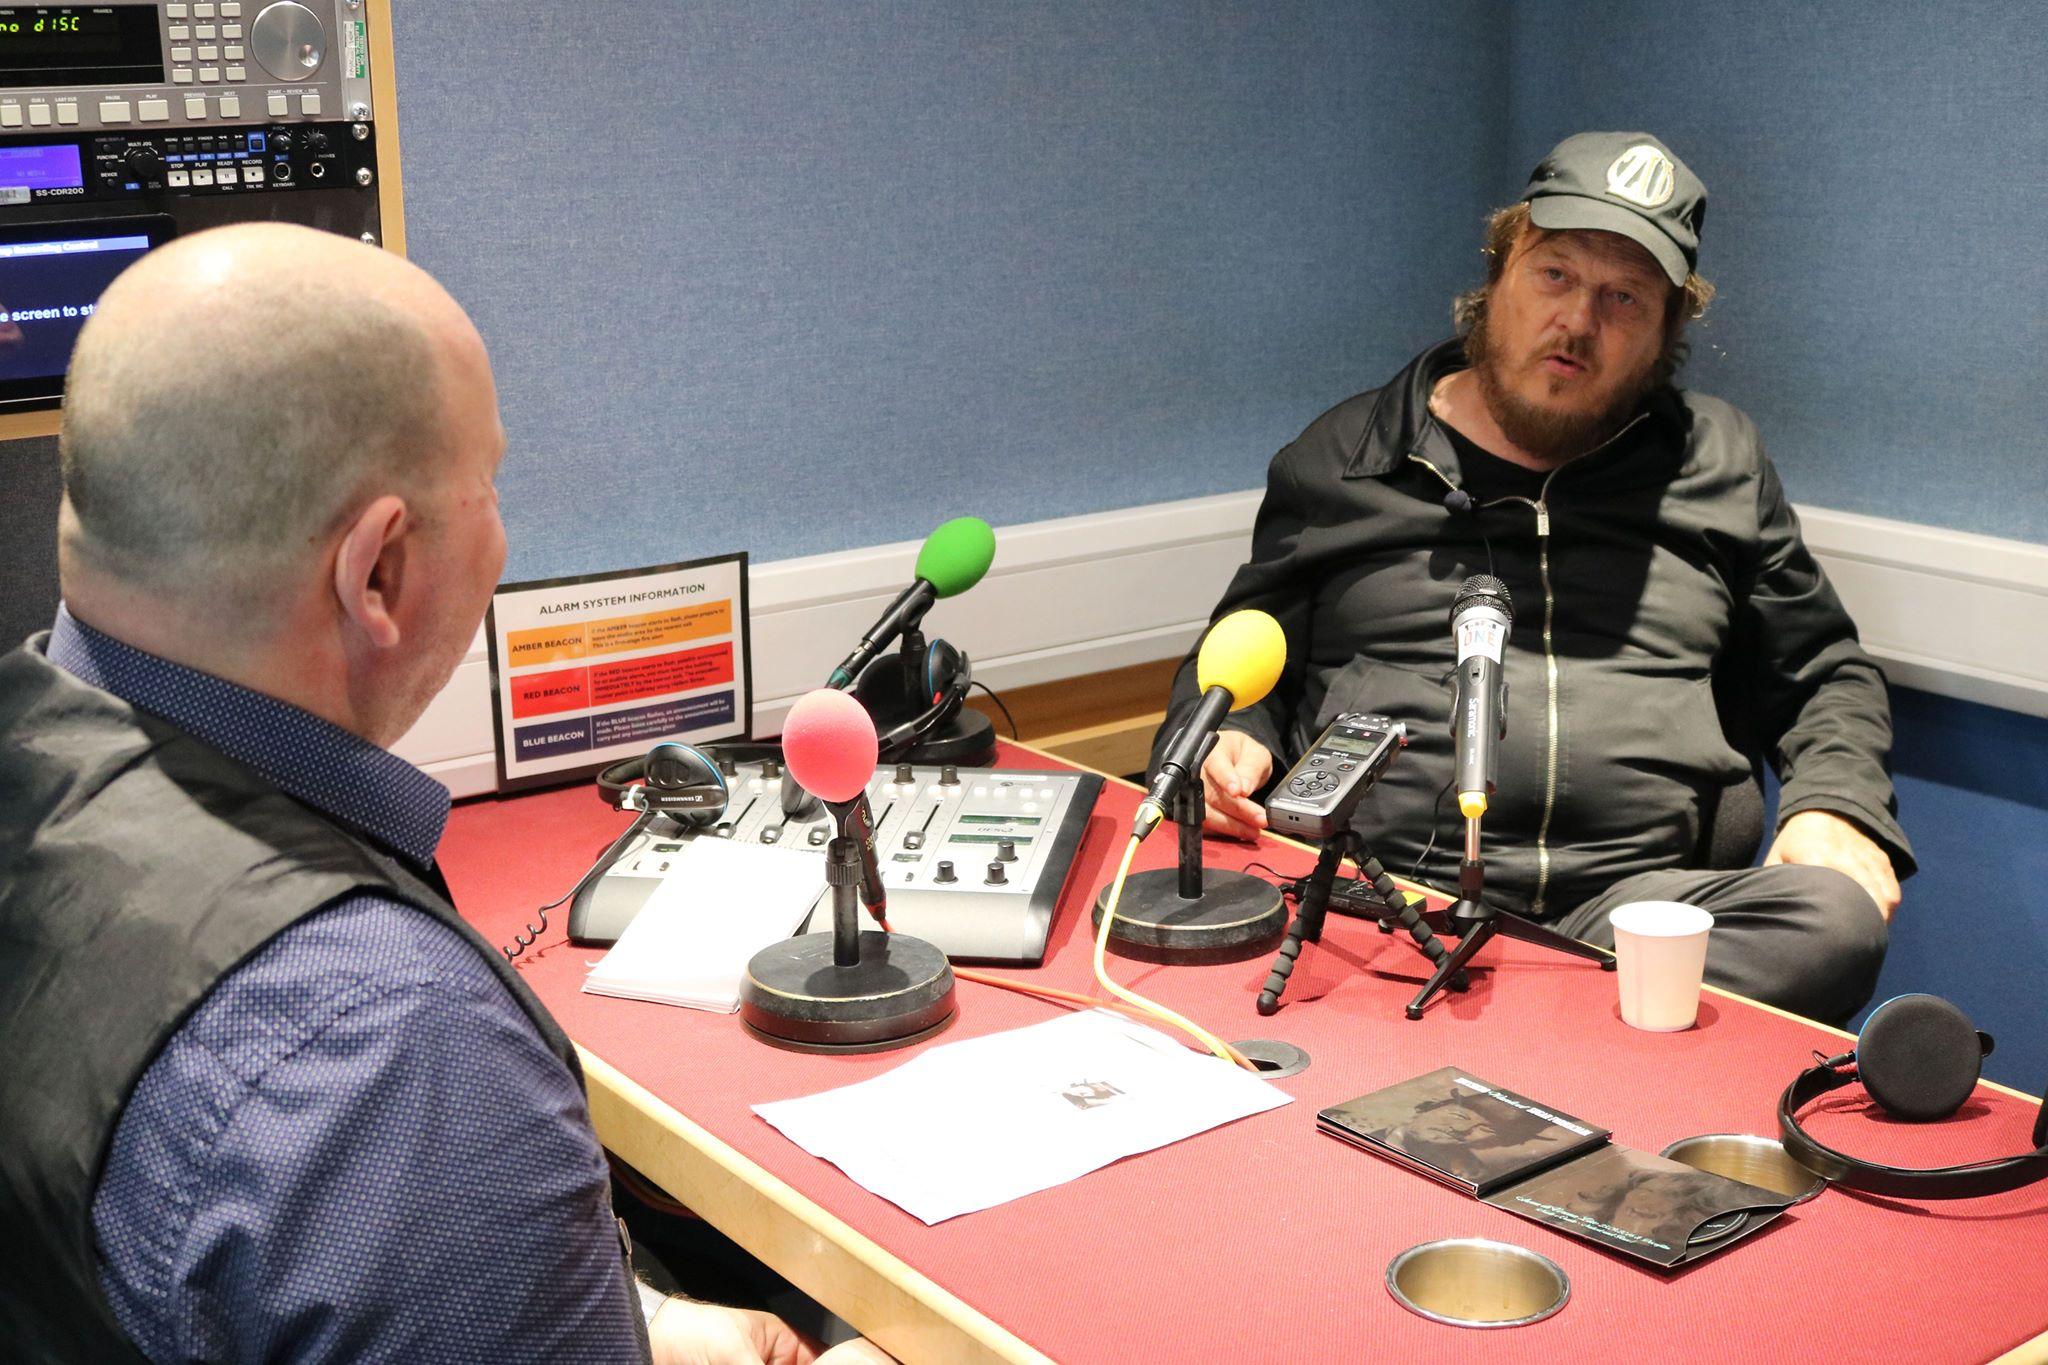 Zucchero a LondonONEradio dagli studi della BBC